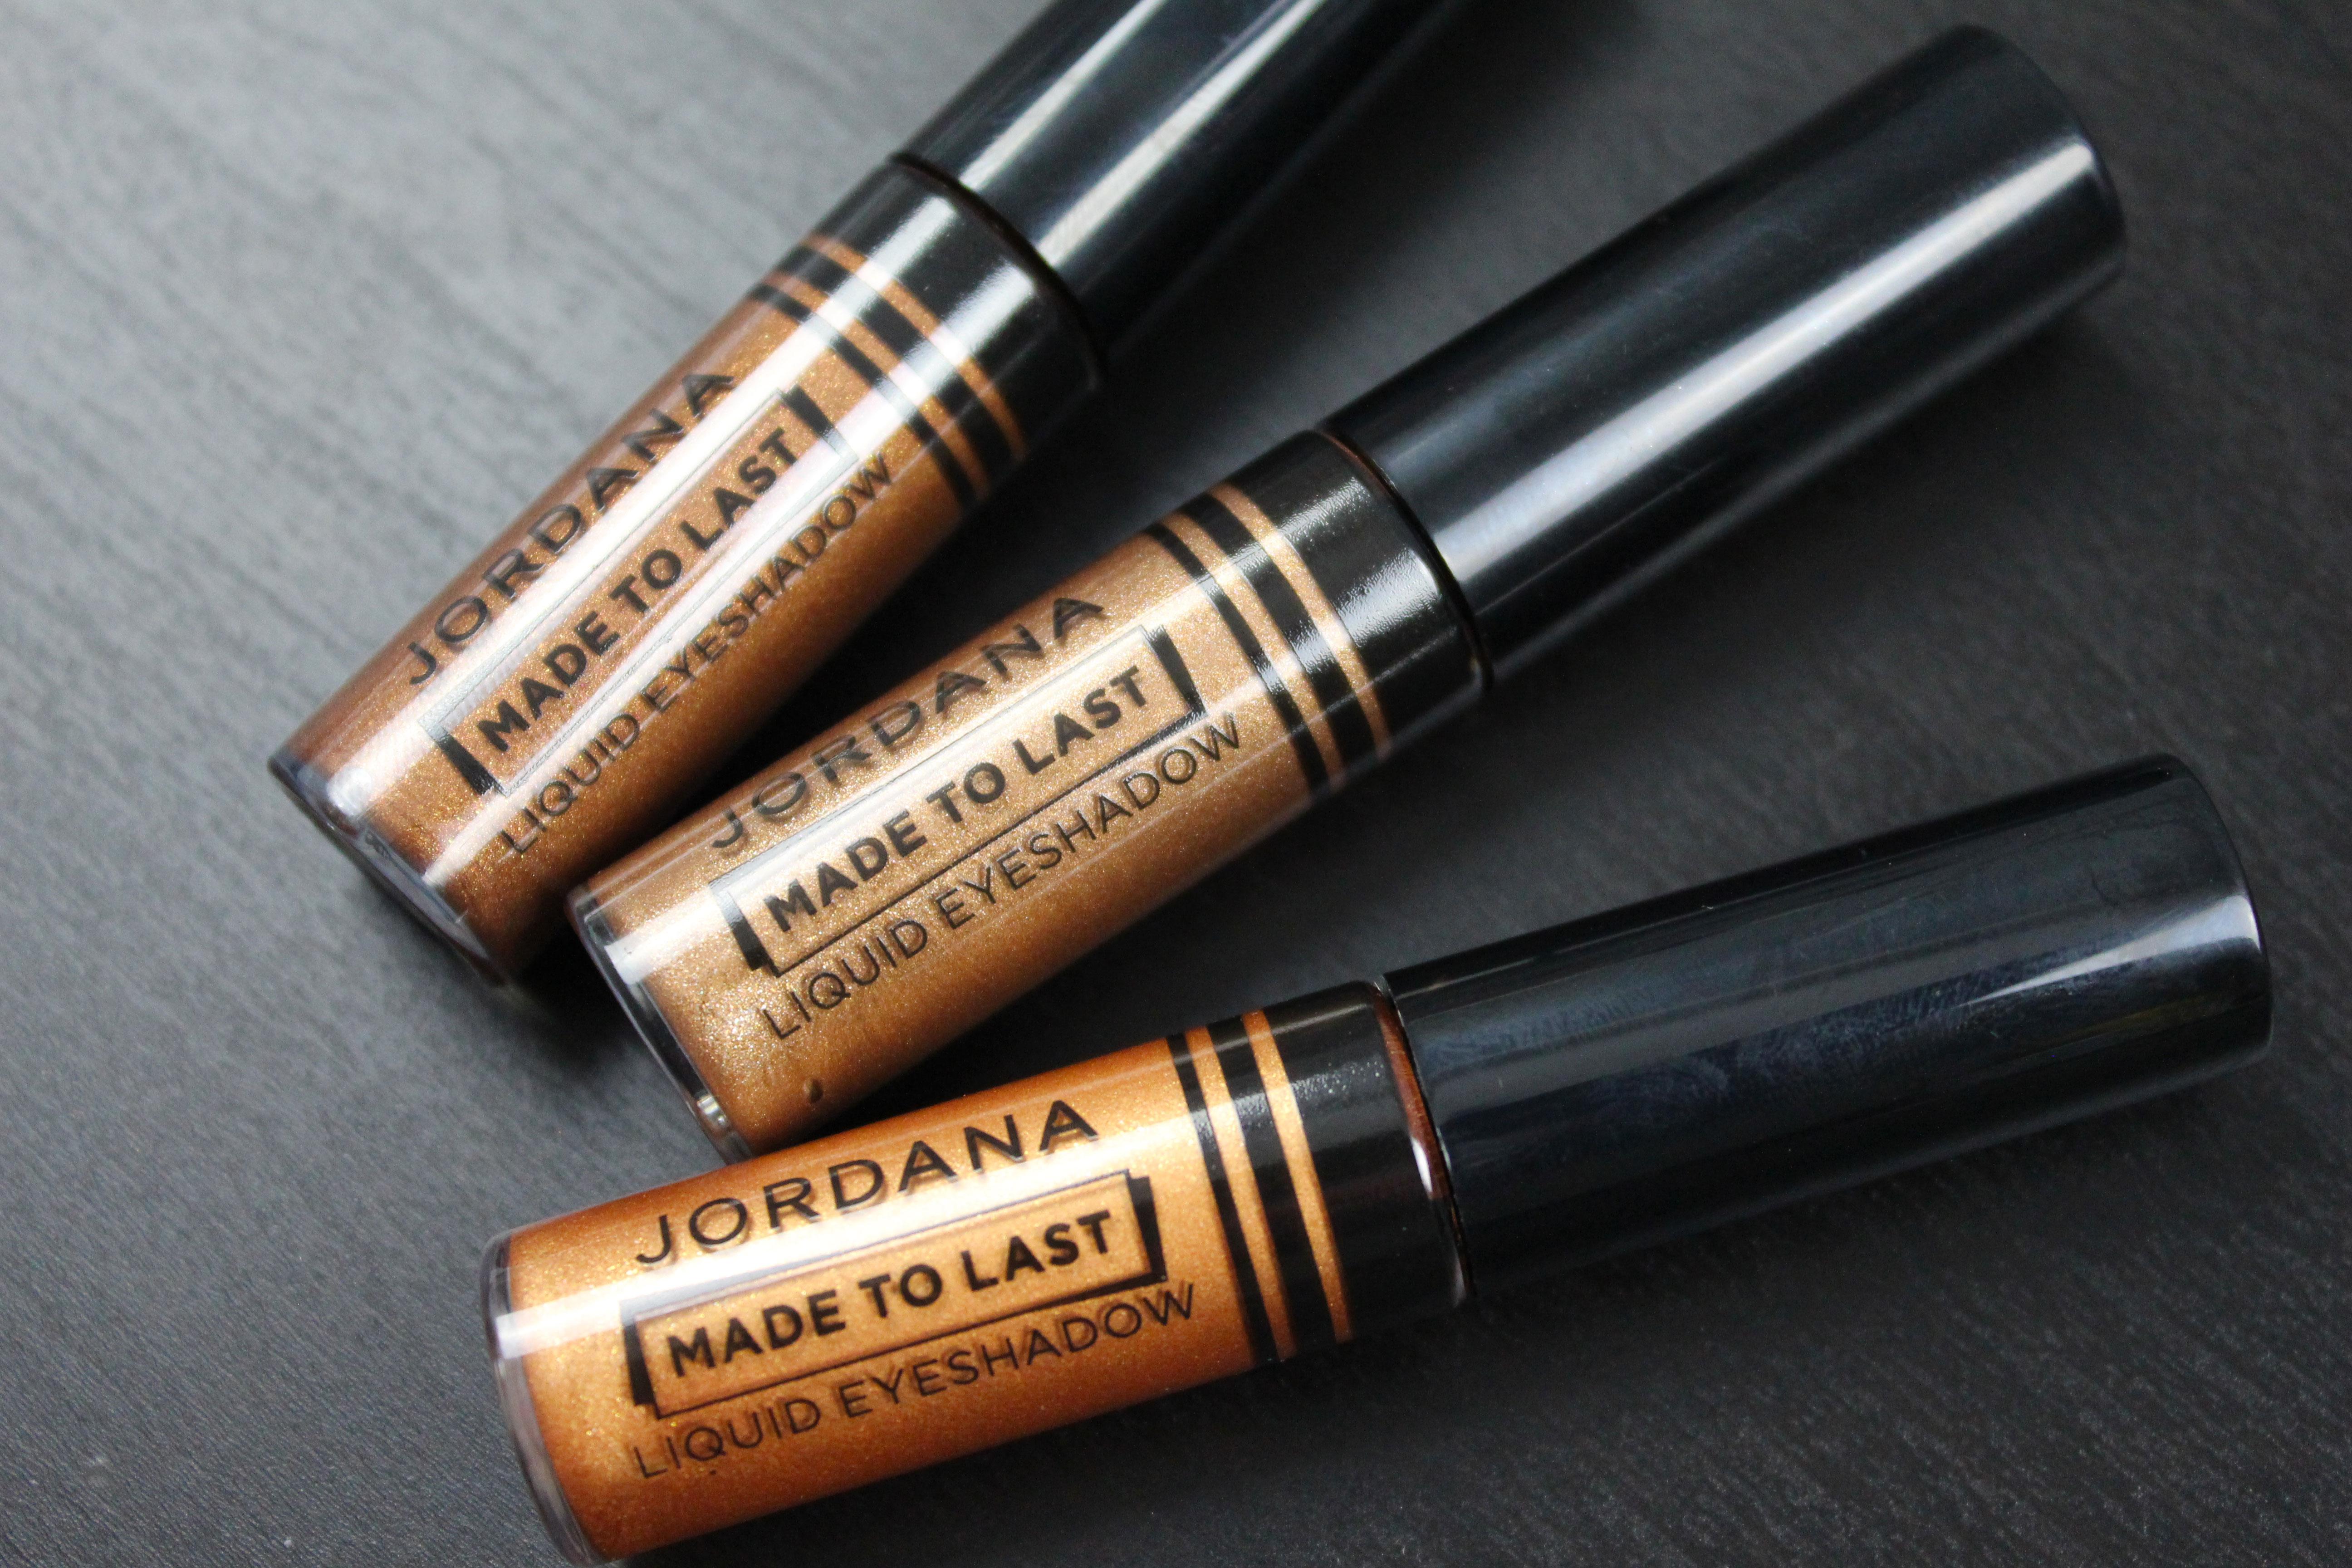 jordana made to last liquid eyeshadow